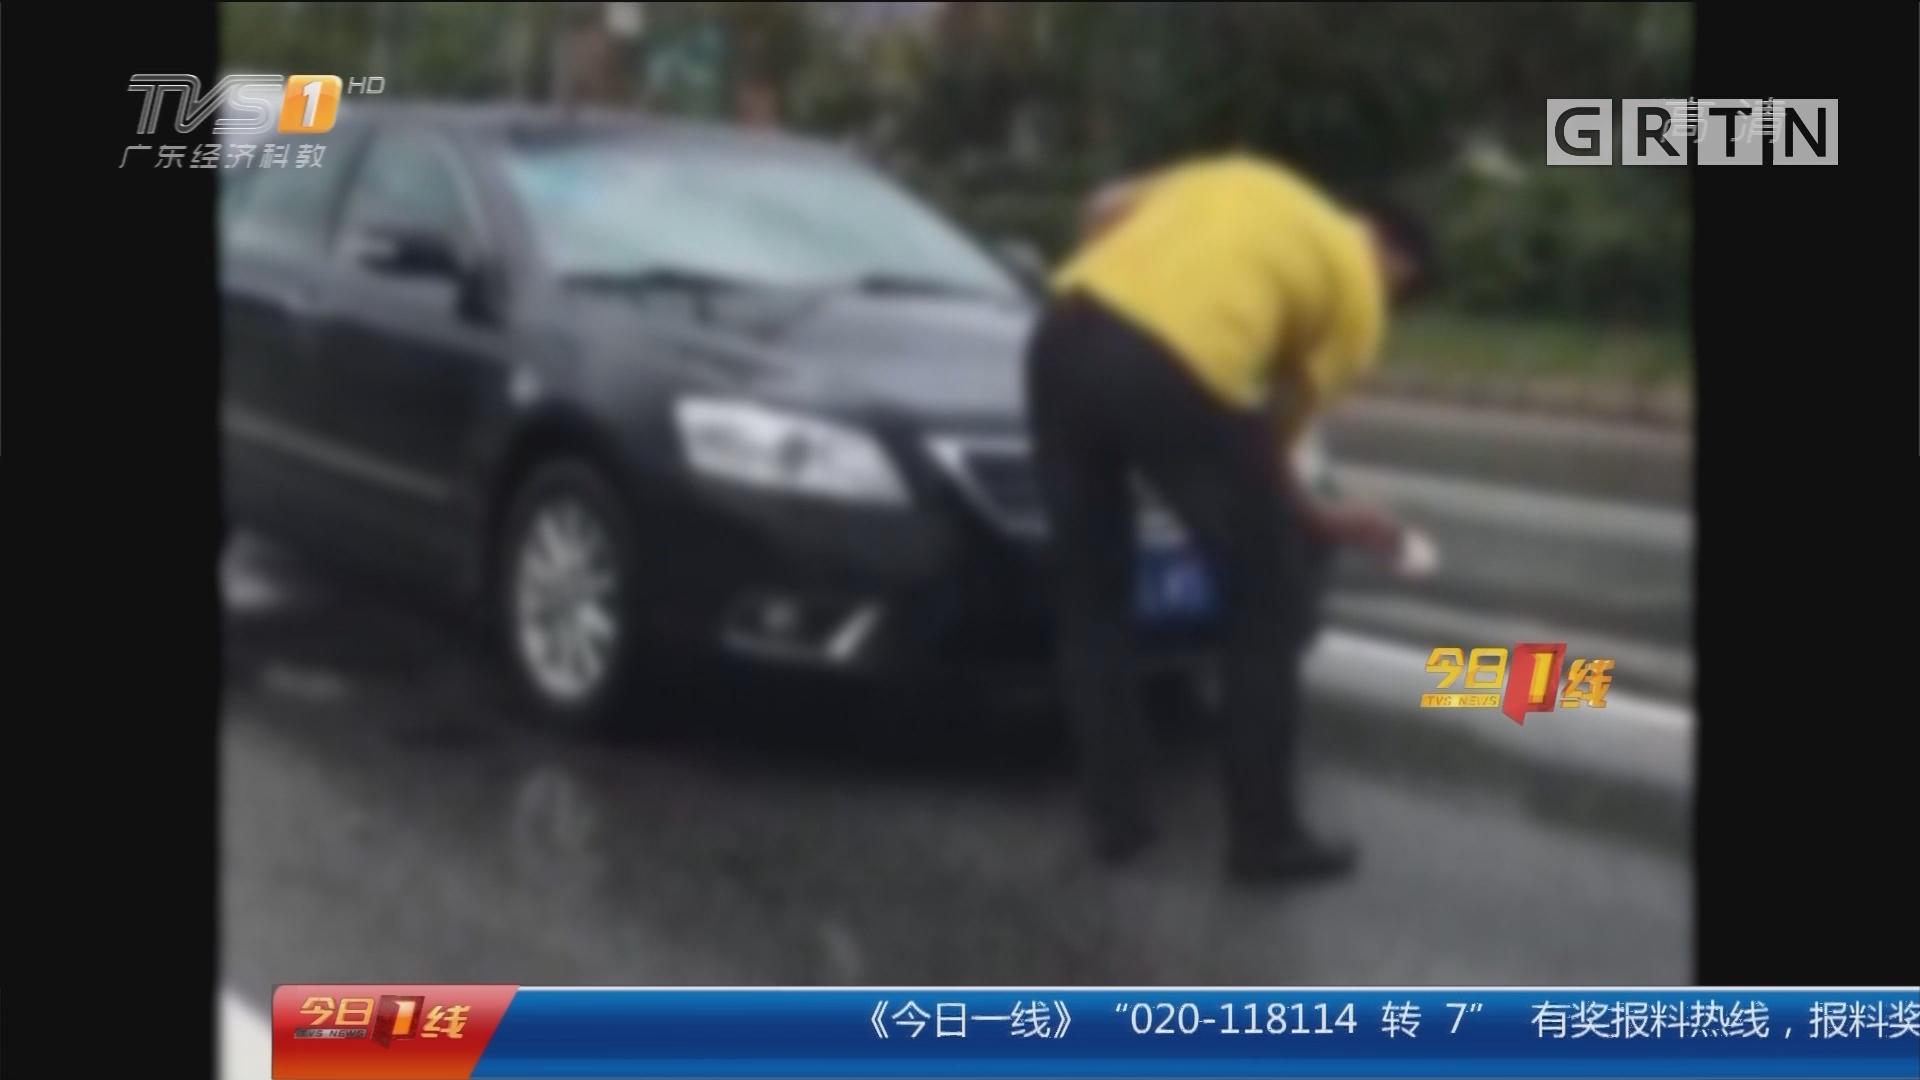 东莞厚街:紧急停车遮车牌 见拍摄恶语相向还别车